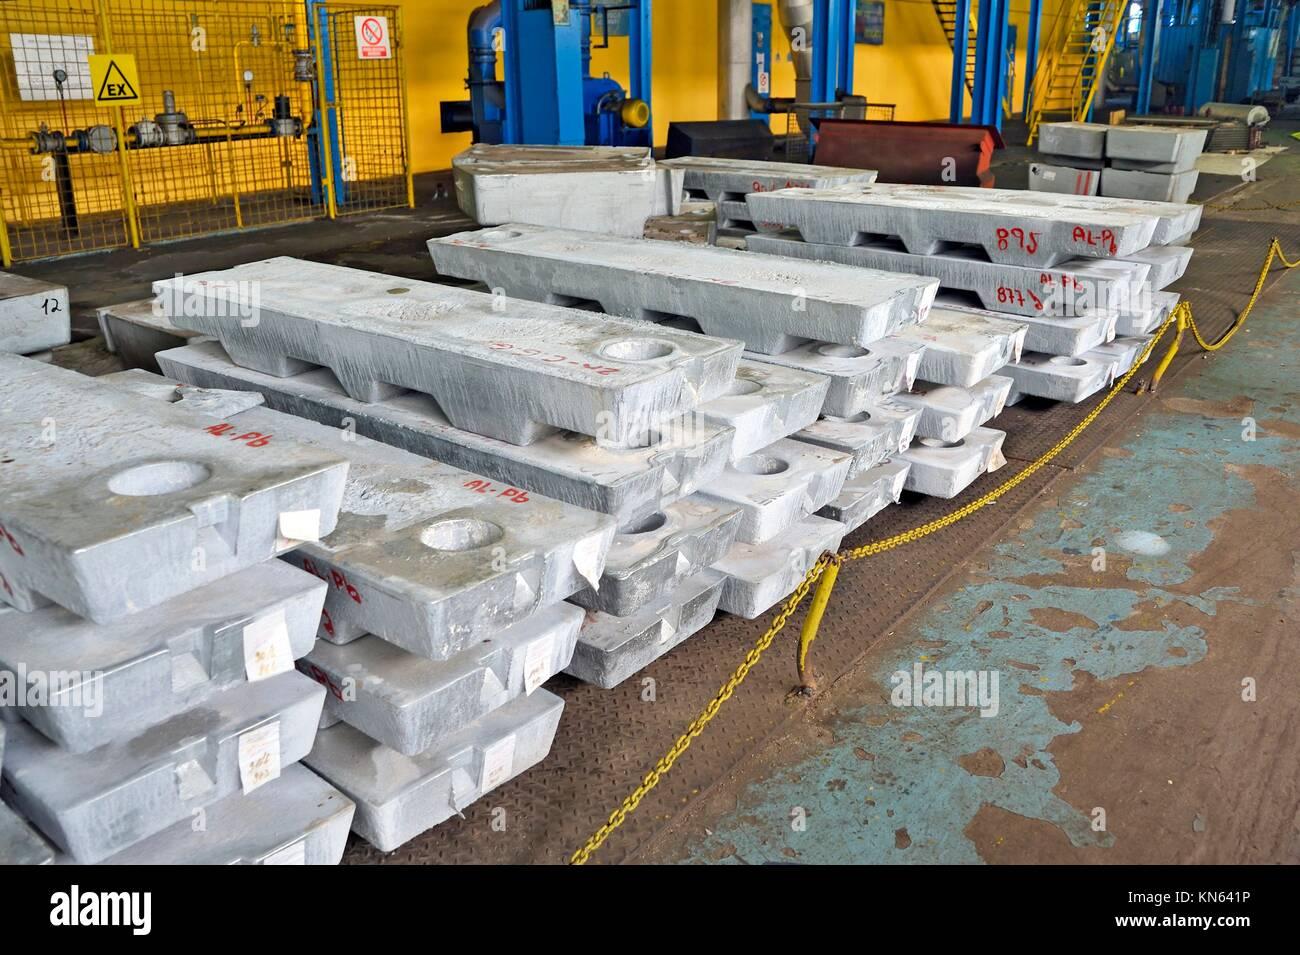 ingot plumb aluminium. - Stock Image